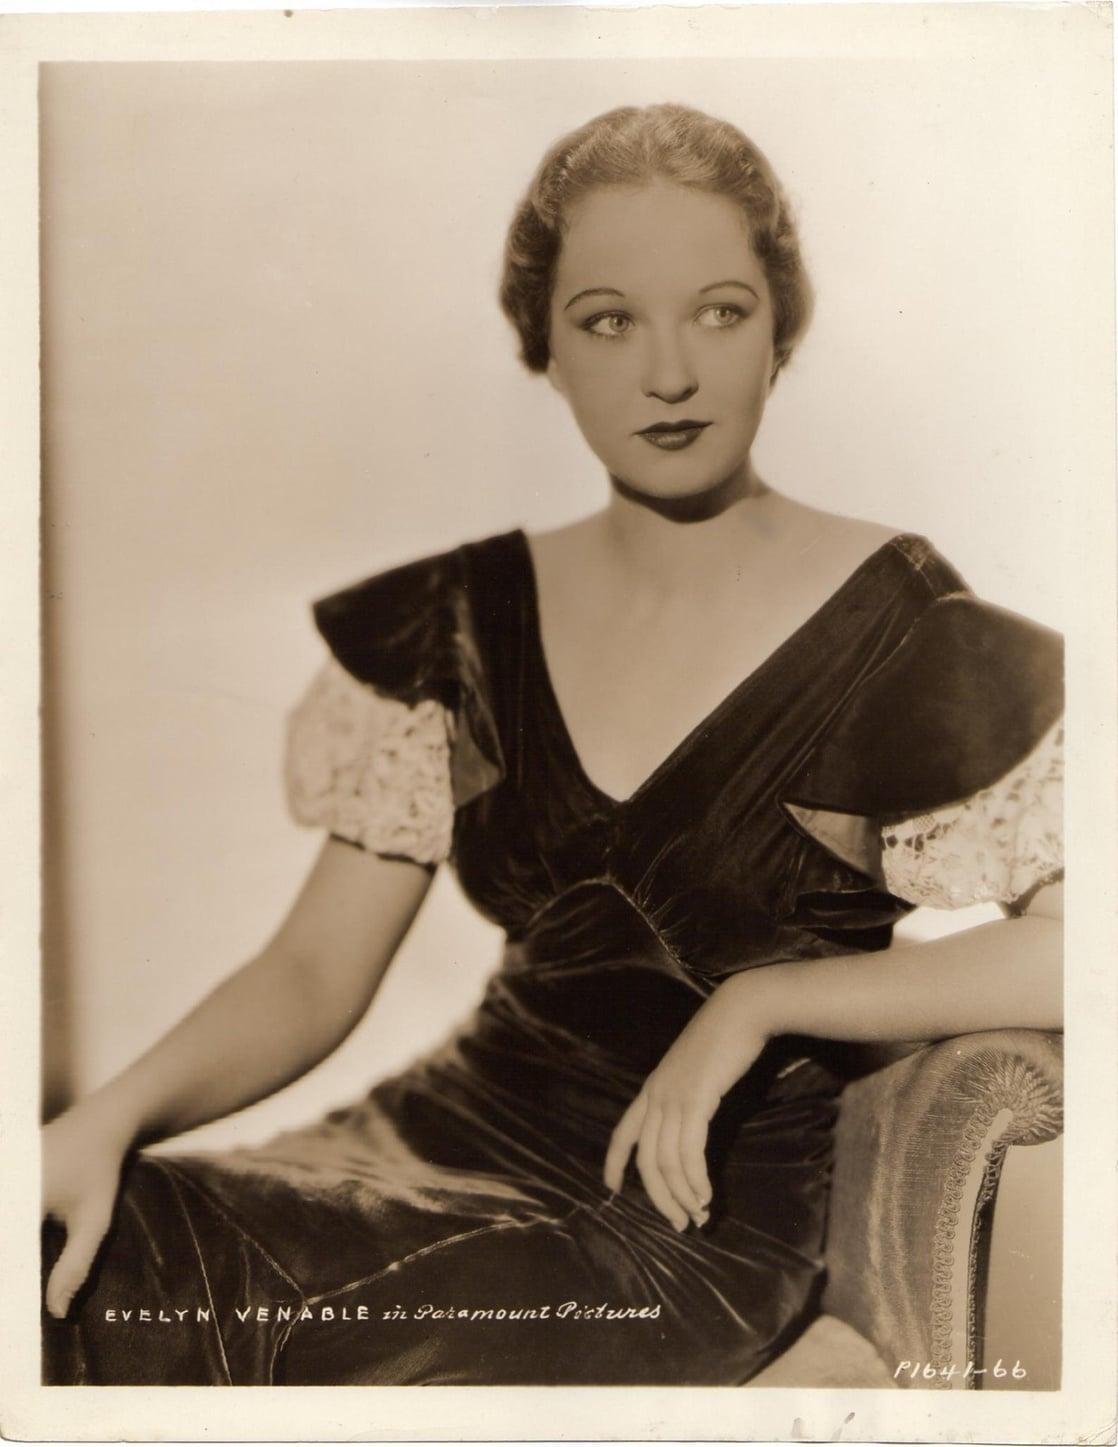 Photo of evelyn frechette Evelyn Frechette Life after Dillinger